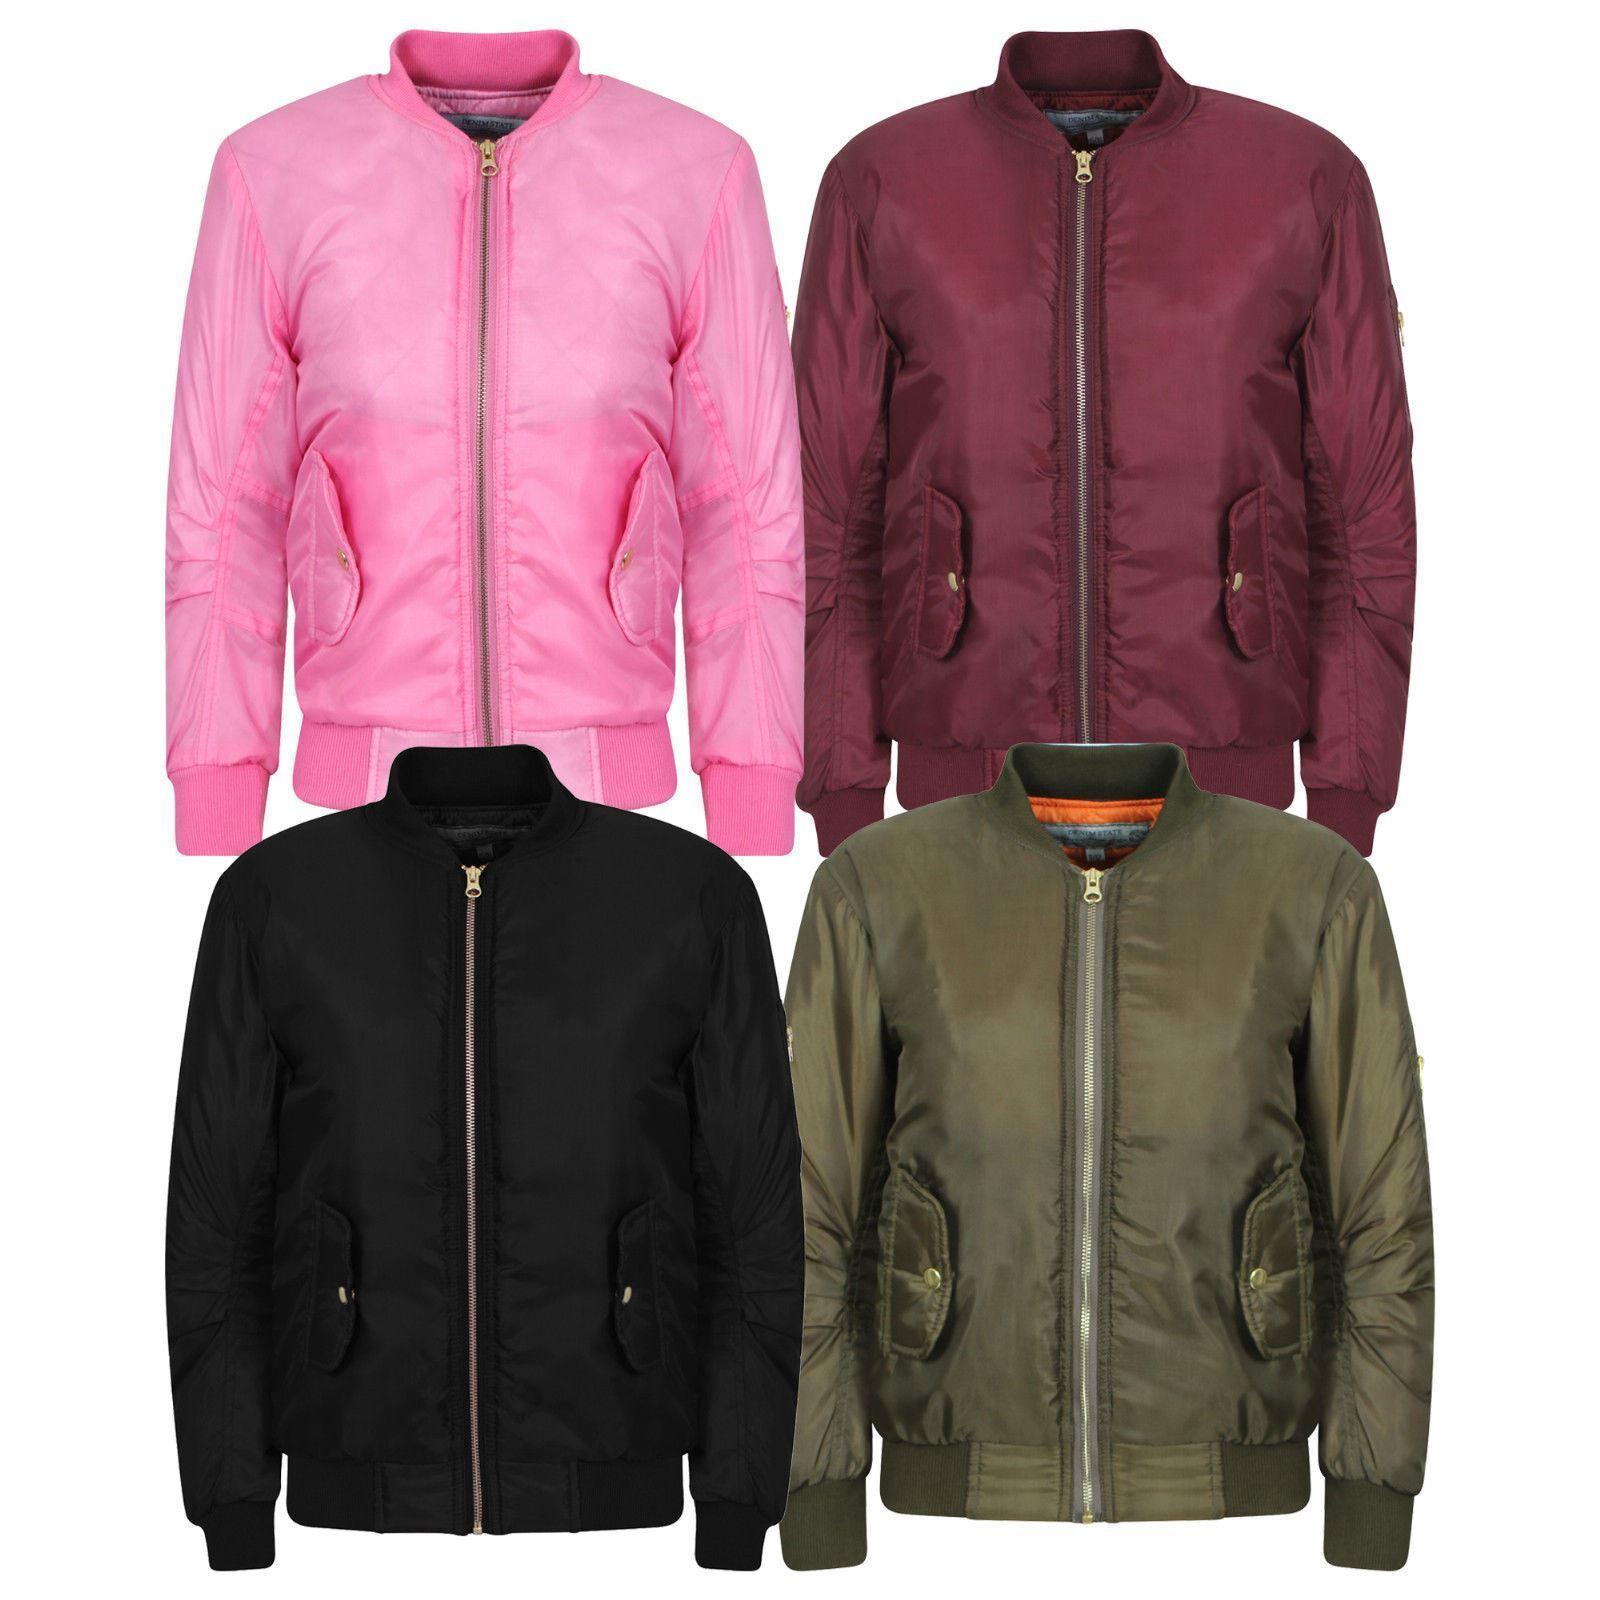 Nouveau manteau d hiver style garçon rembourré chaud pour garçons filles enfants veste d hiver biker pilote